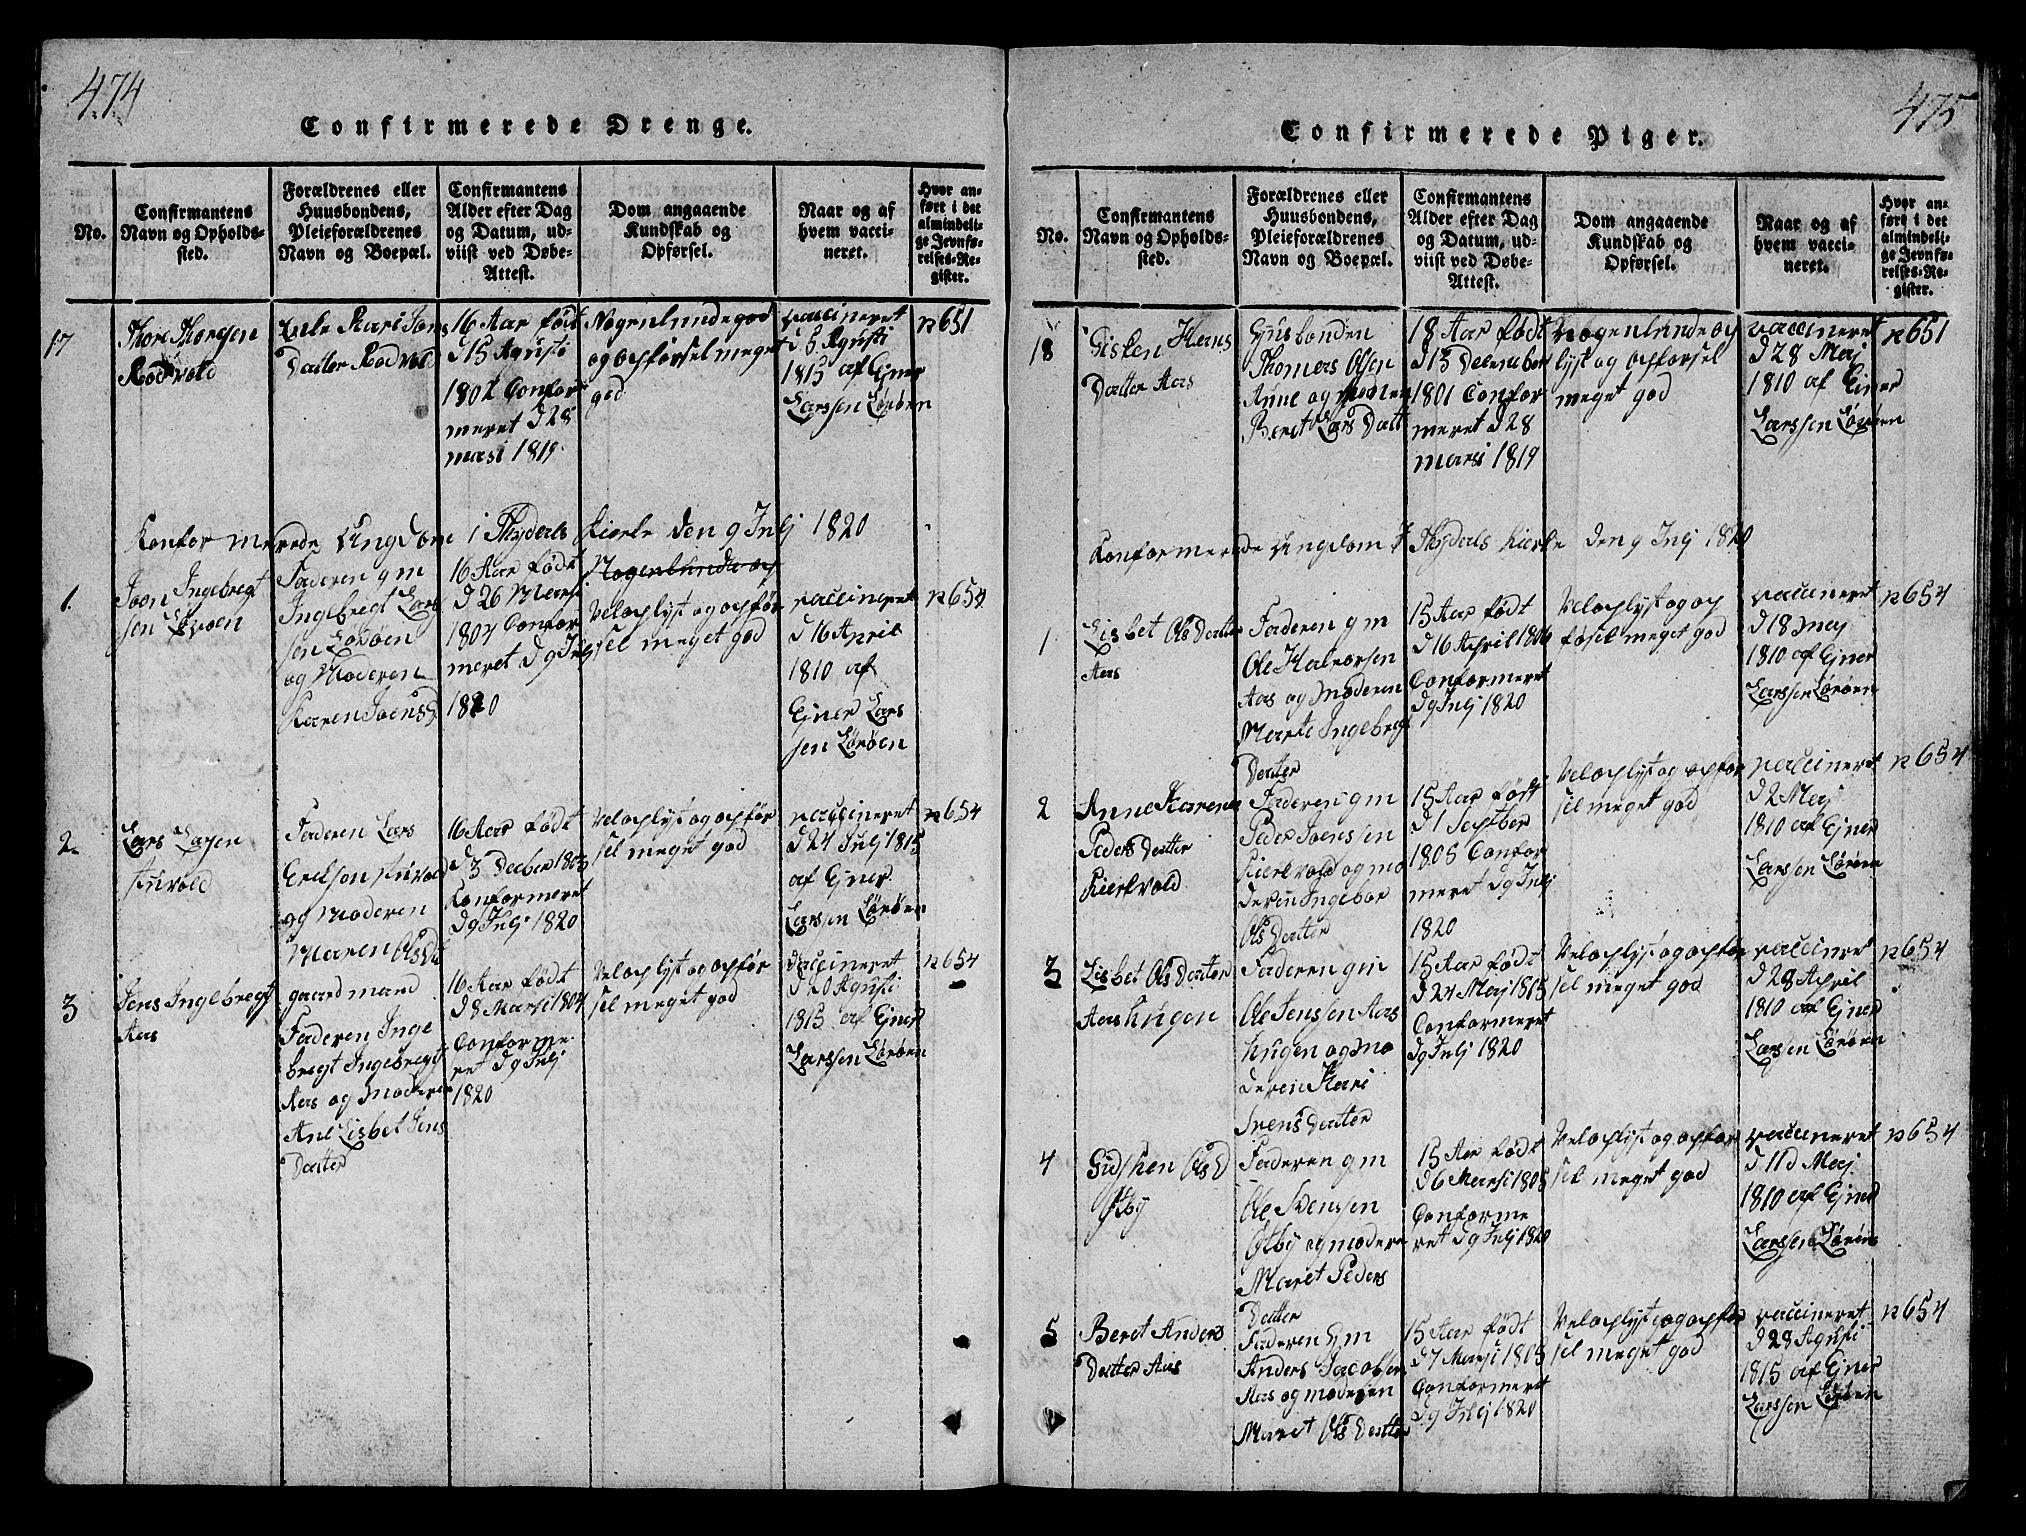 SAT, Ministerialprotokoller, klokkerbøker og fødselsregistre - Sør-Trøndelag, 698/L1164: Klokkerbok nr. 698C01, 1816-1861, s. 474-475